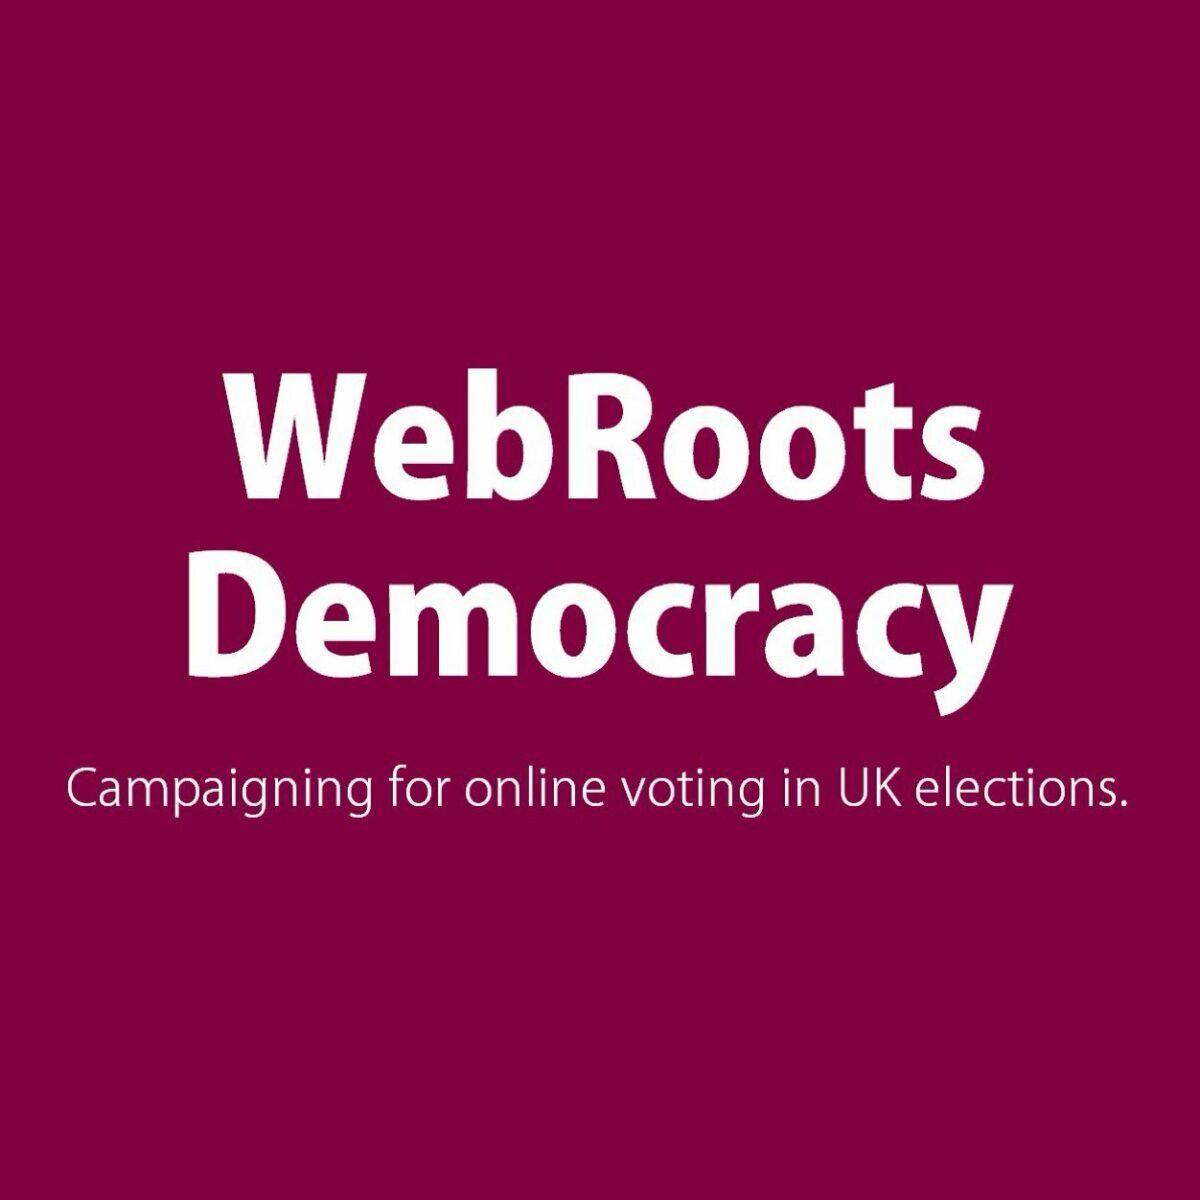 Online voting in the UK